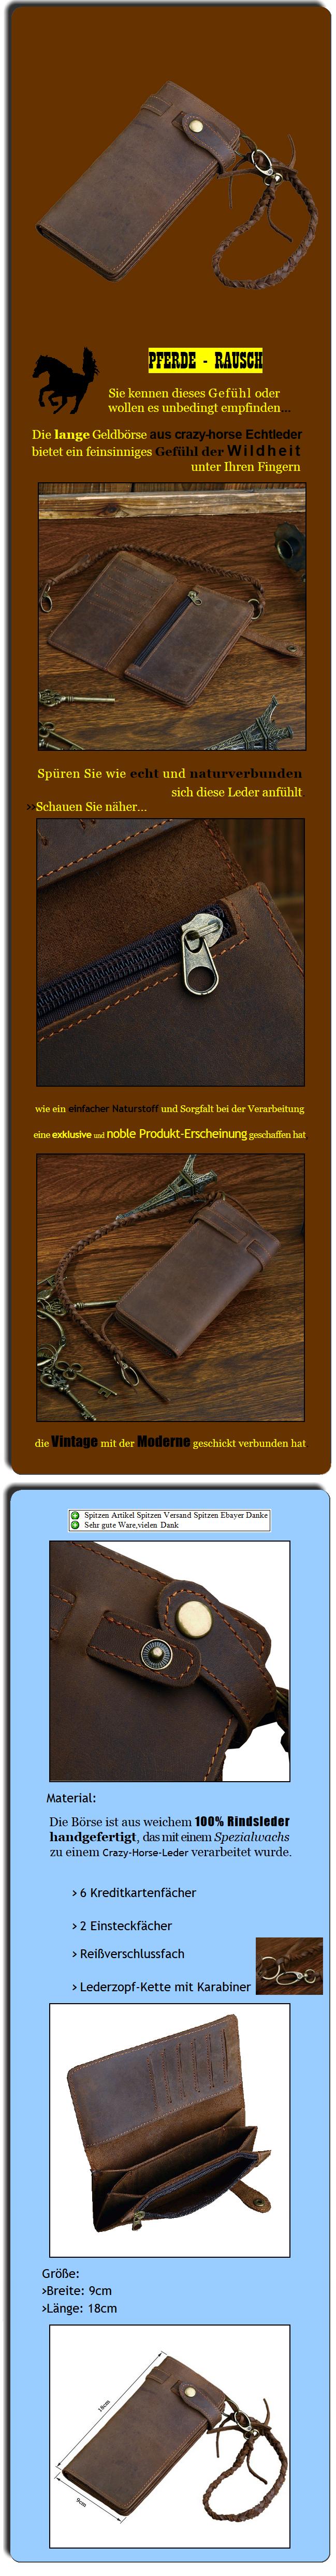 http://roogu.com/auction/de/pferderausch.png